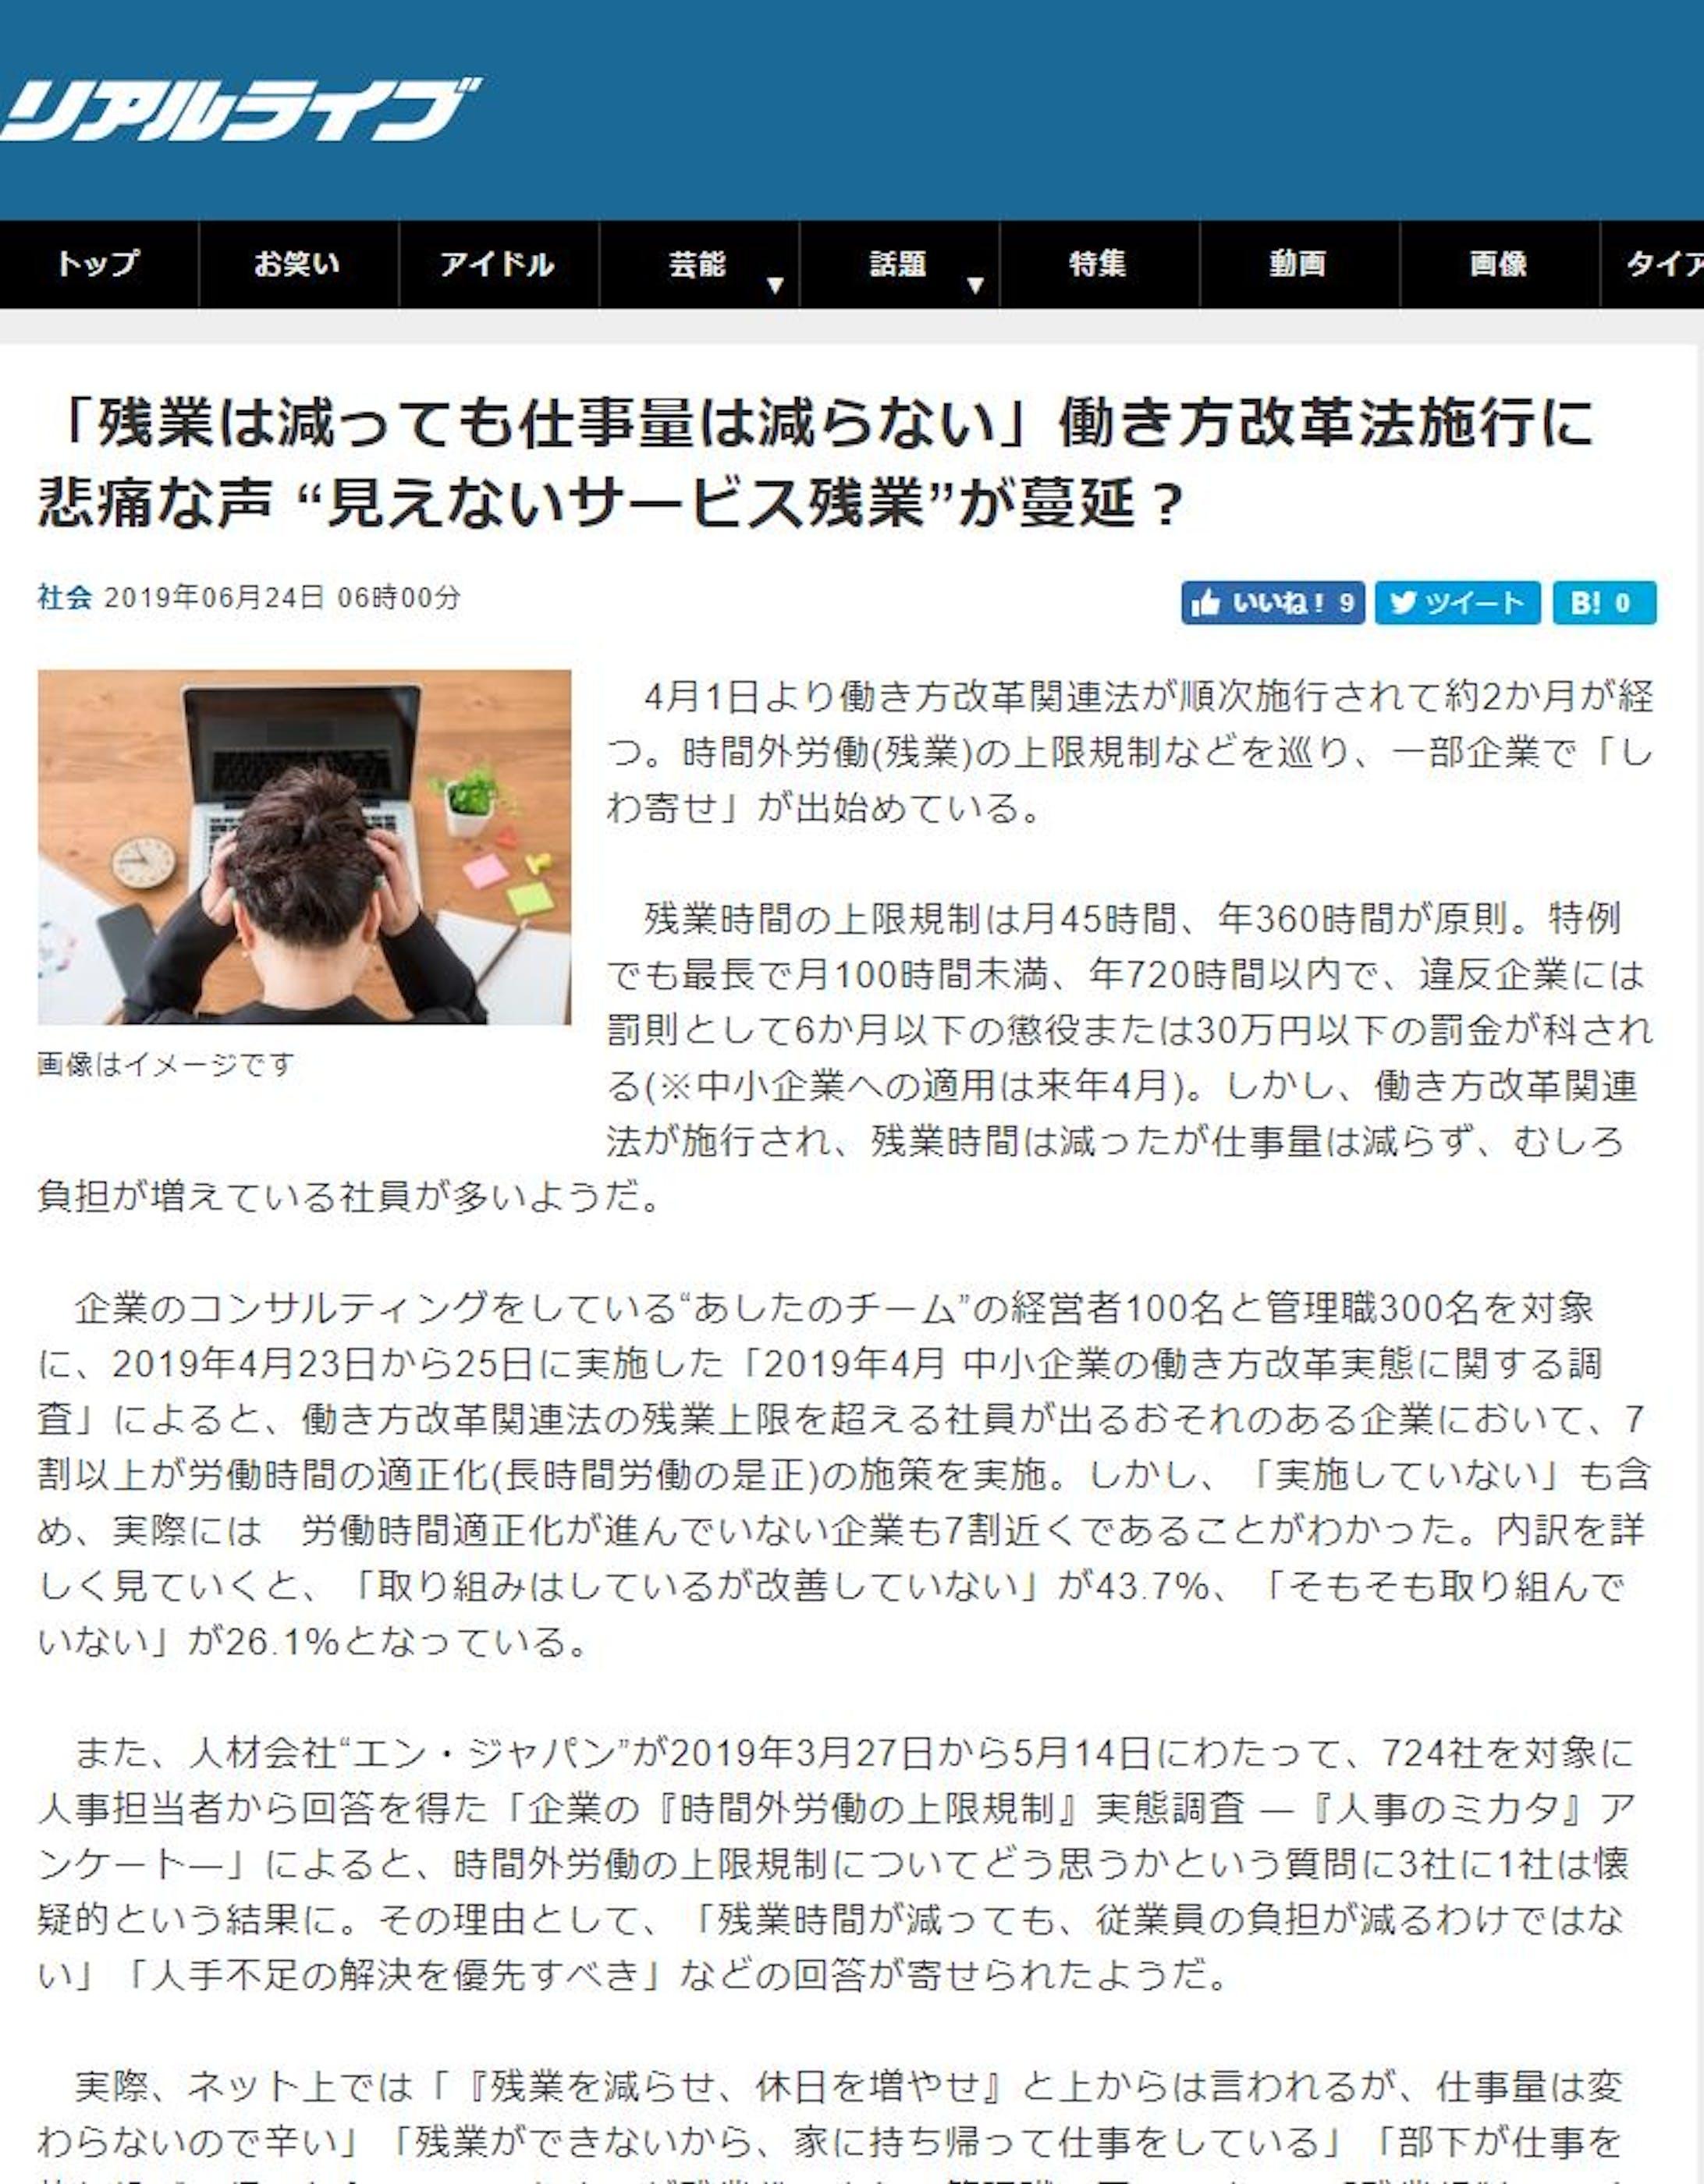 老舗ニュースサイト「リアルライブ」に働き方改革の記名記事を投稿-1